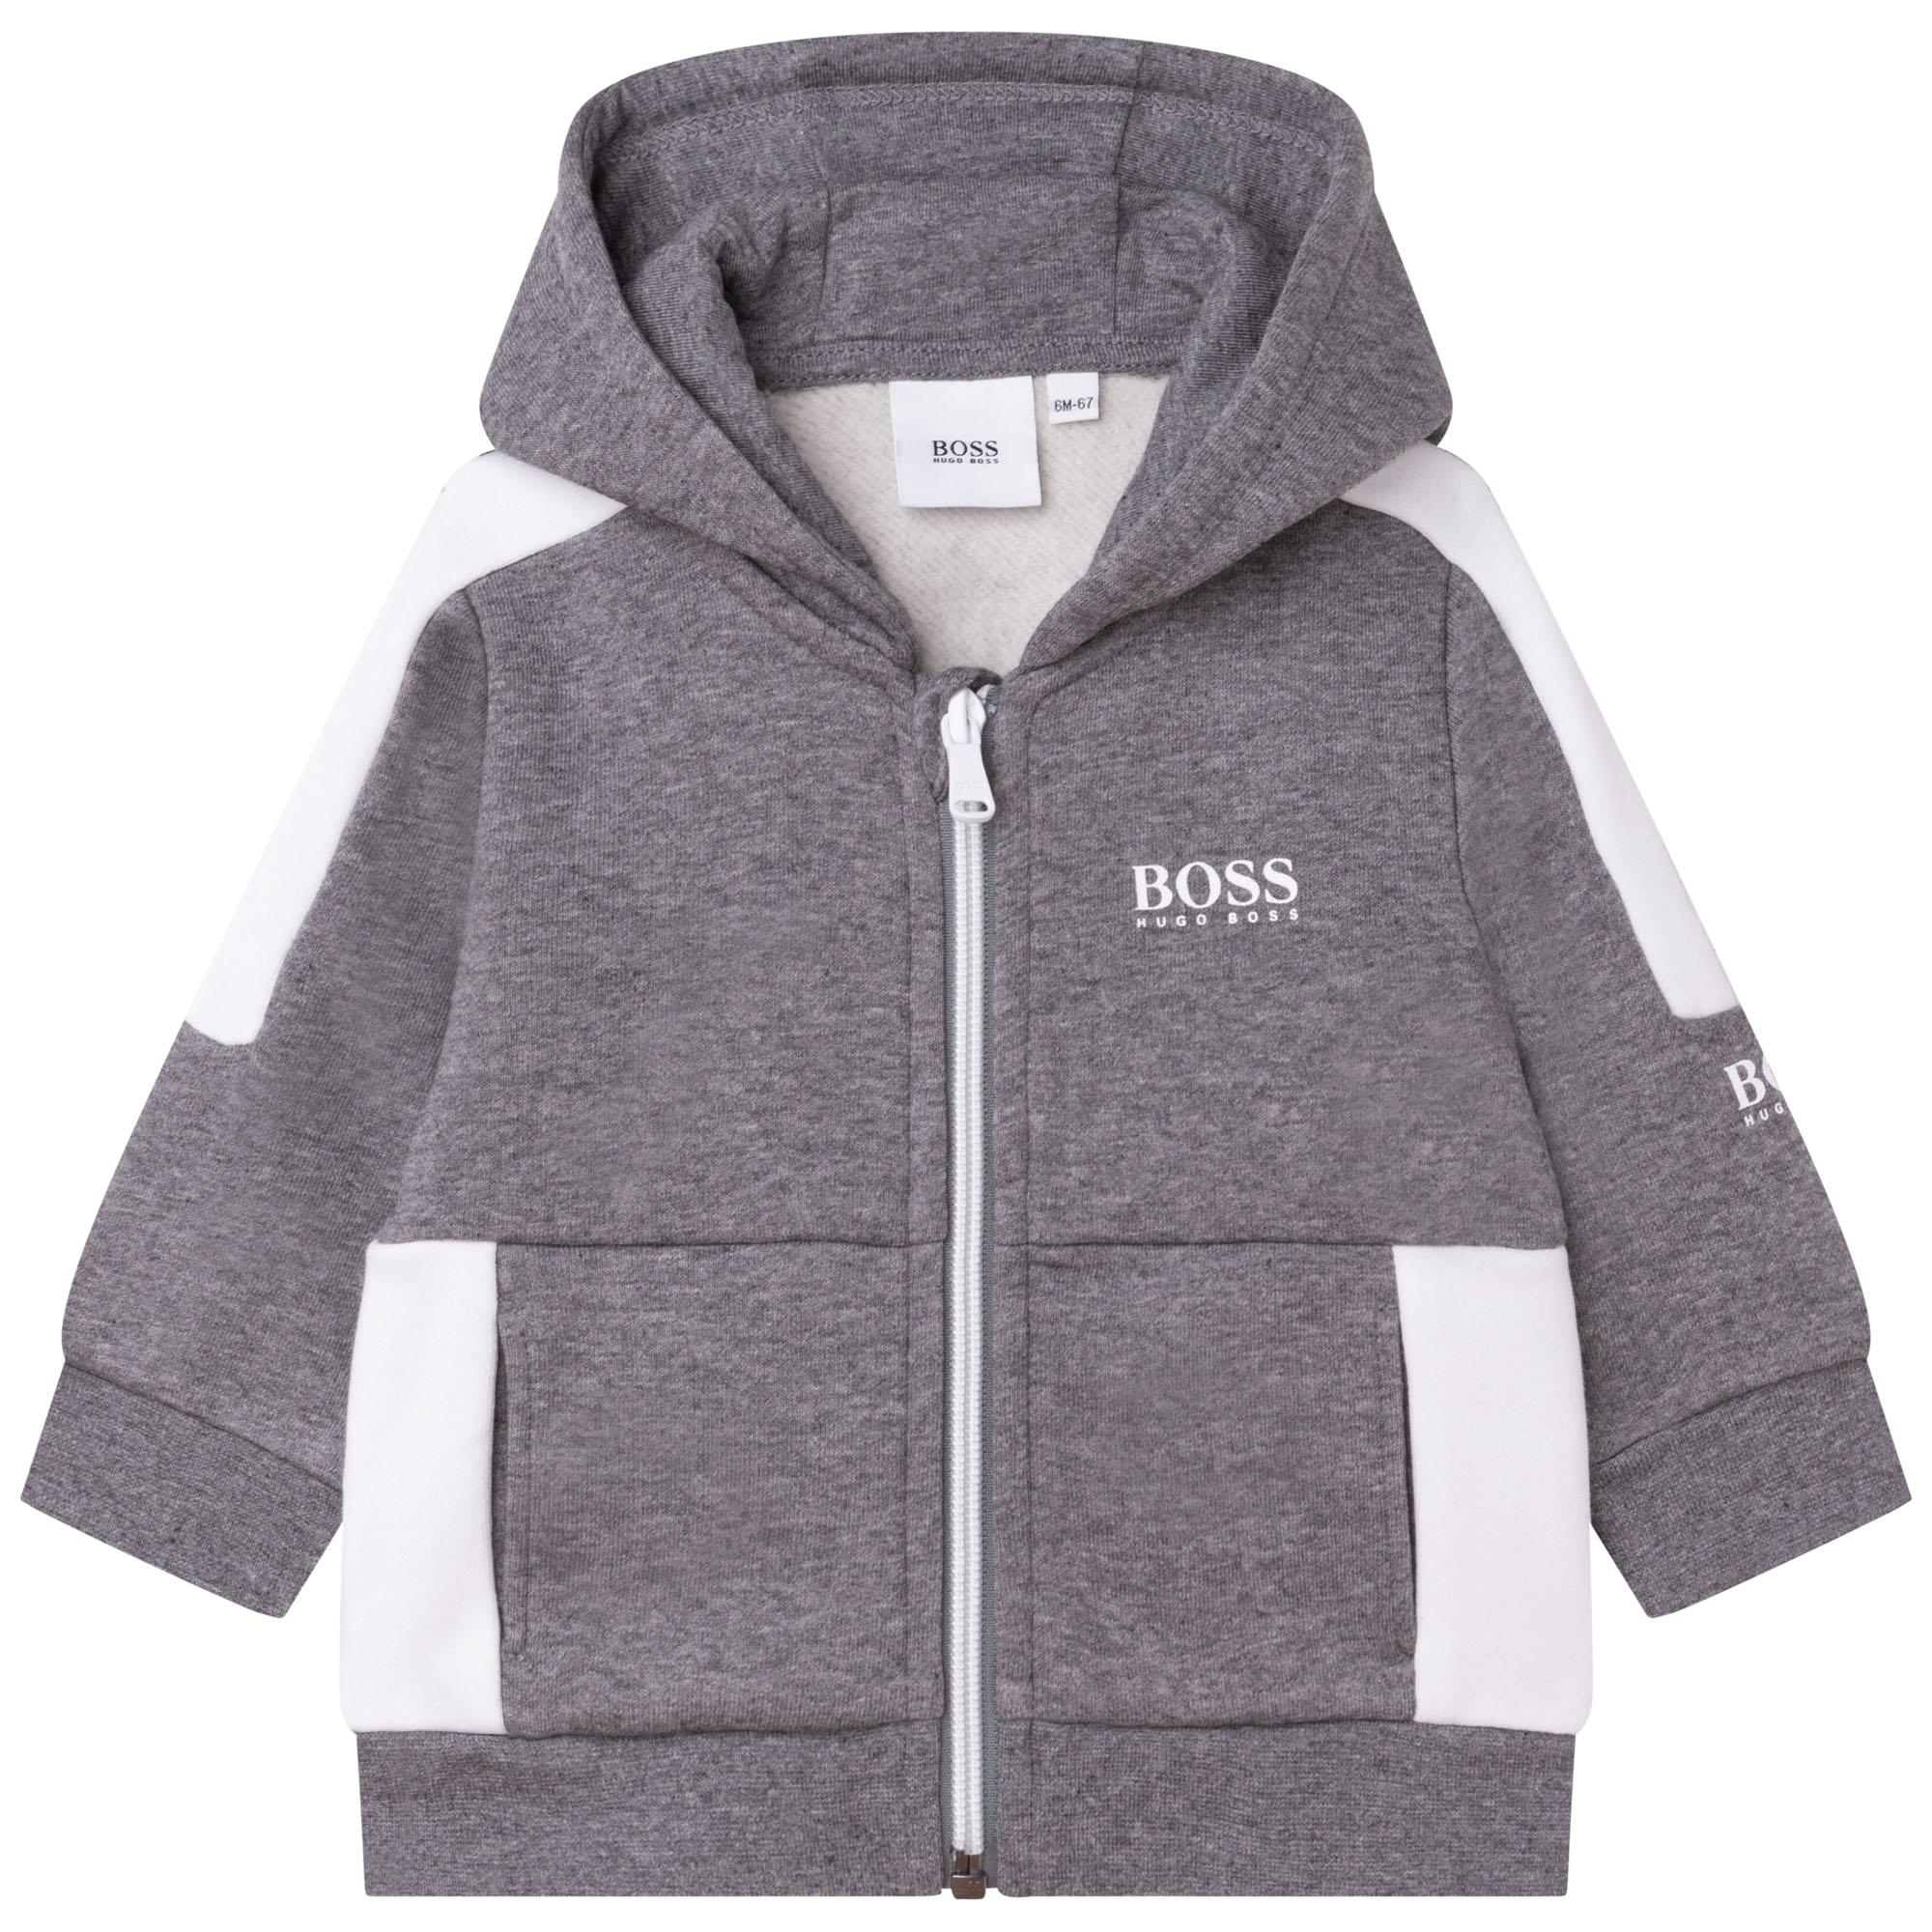 Brushed fleece sweatshirt BOSS for BOY